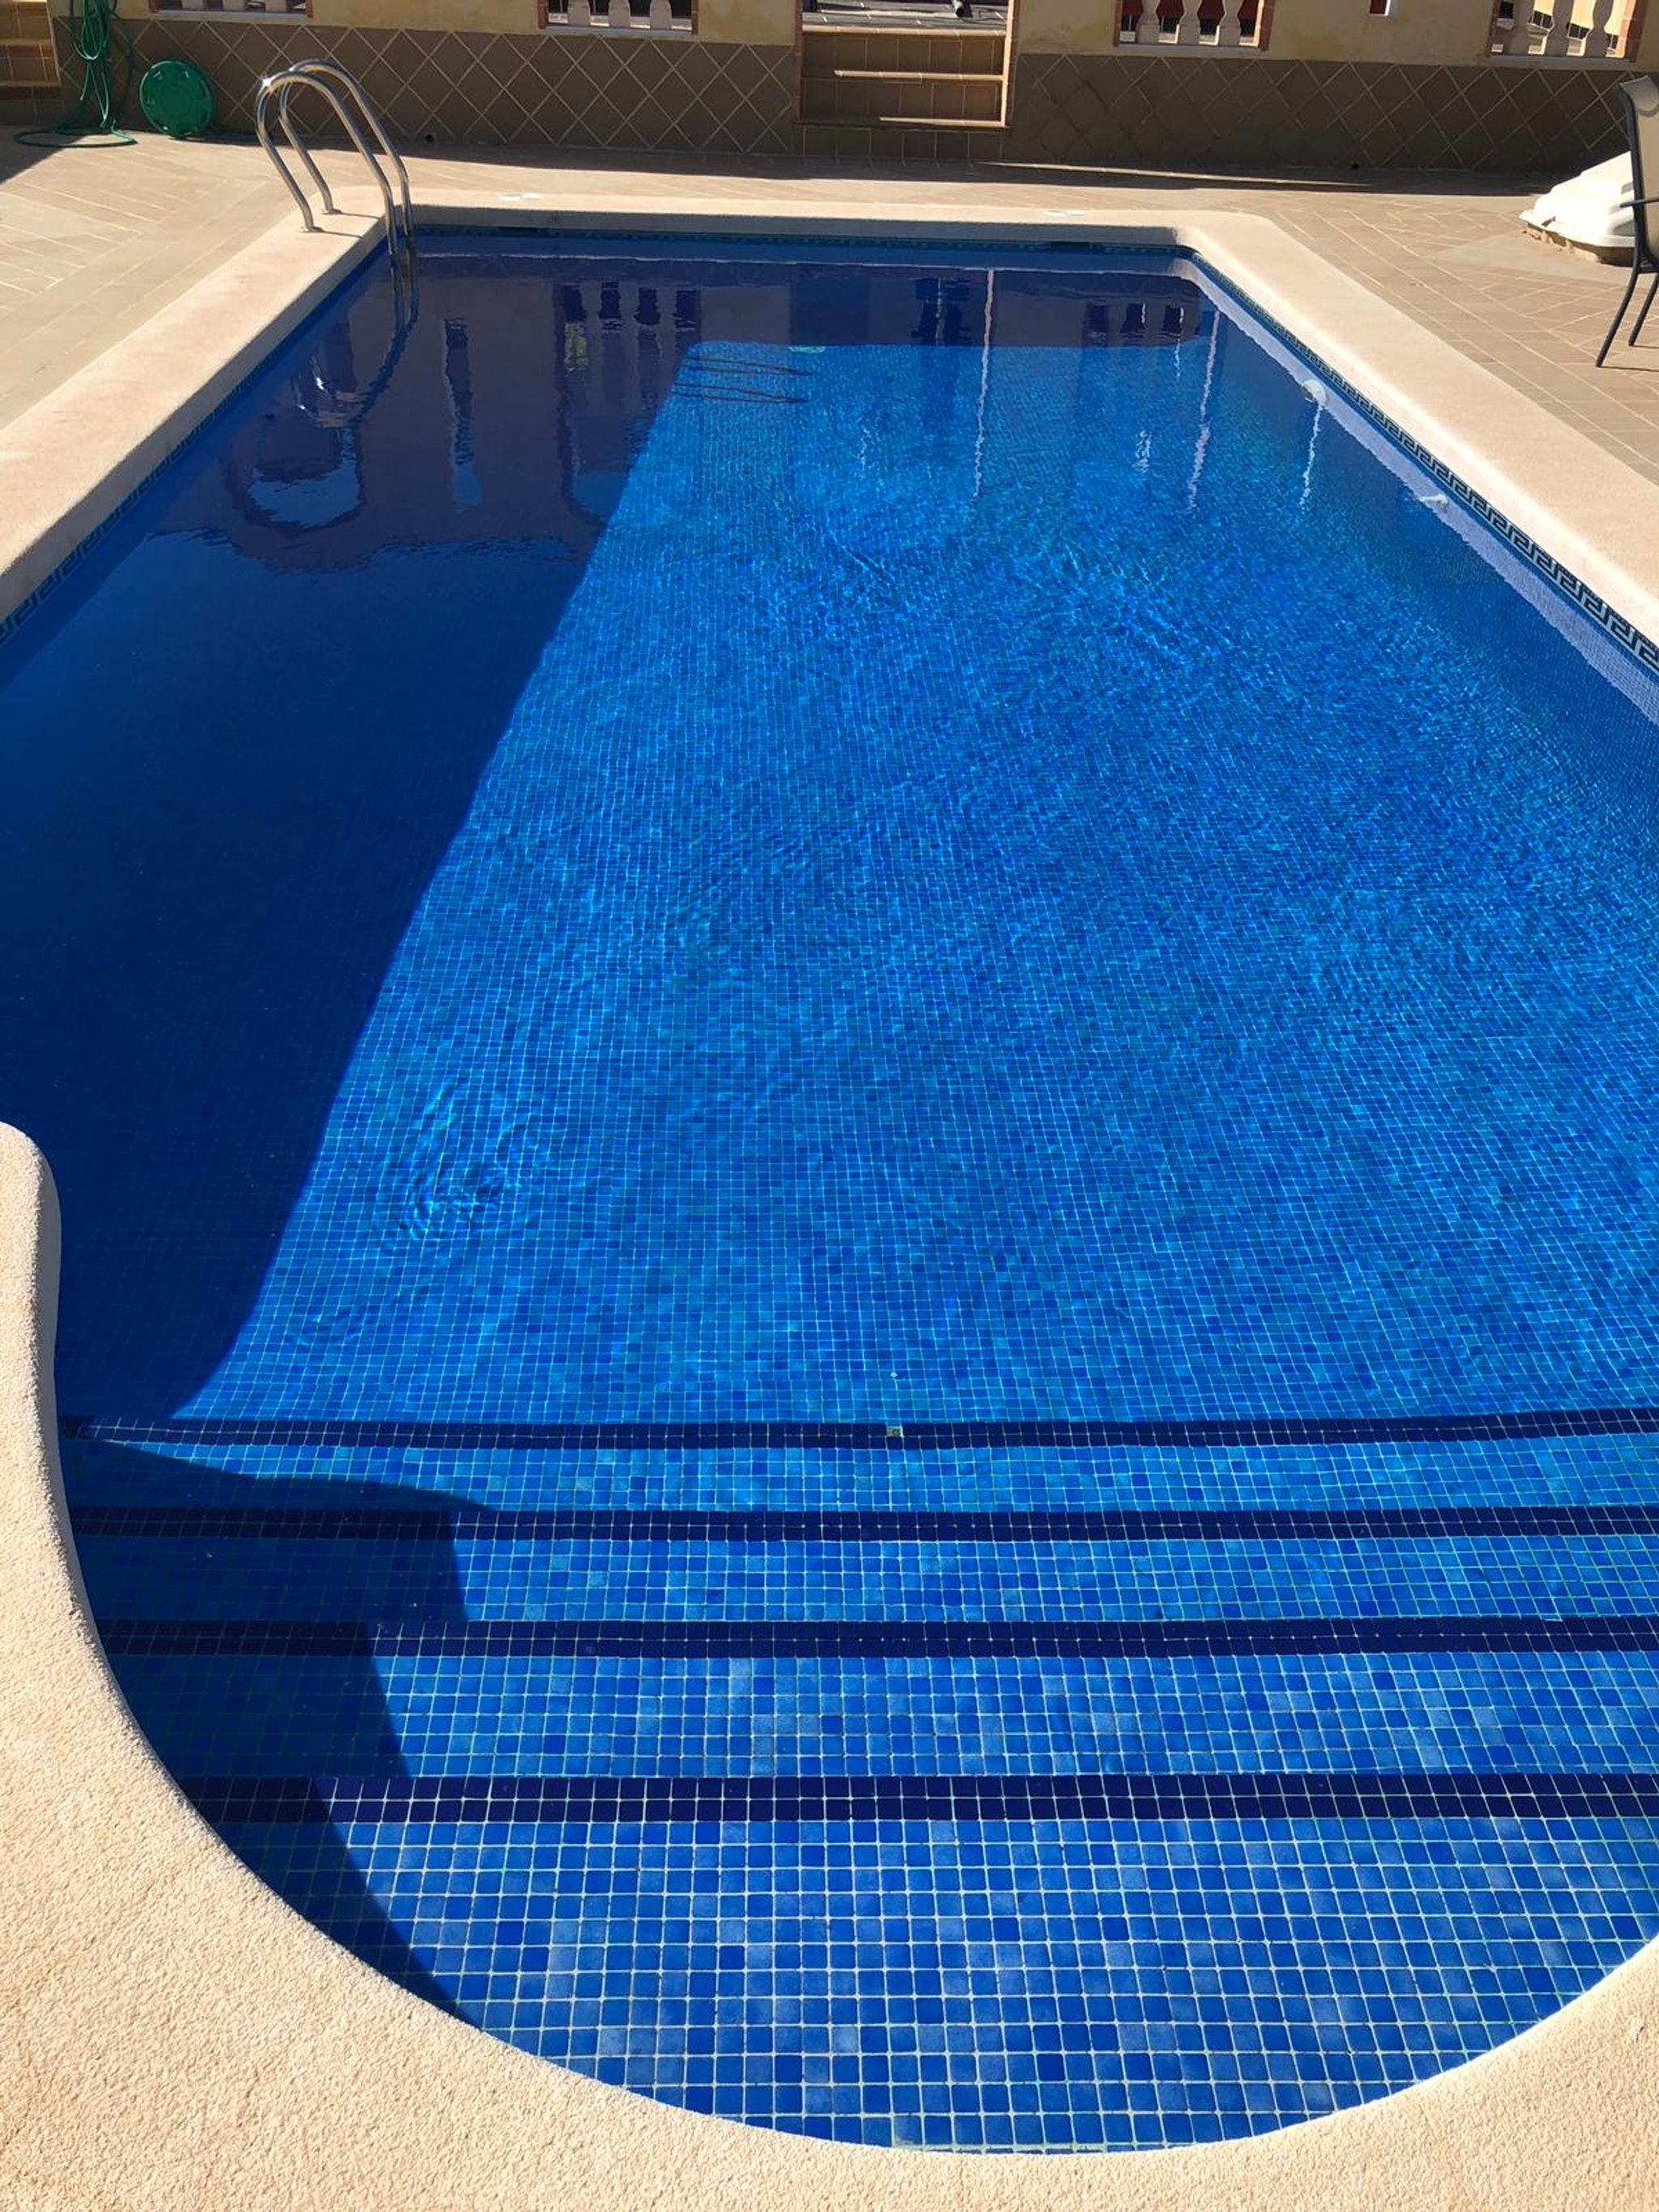 Maison de vacances Villa mit 2 Schlafzimmern in Mazarrón mit toller Aussicht auf die Berge, privatem Pool, ei (2632538), Mazarron, Costa Calida, Murcie, Espagne, image 24